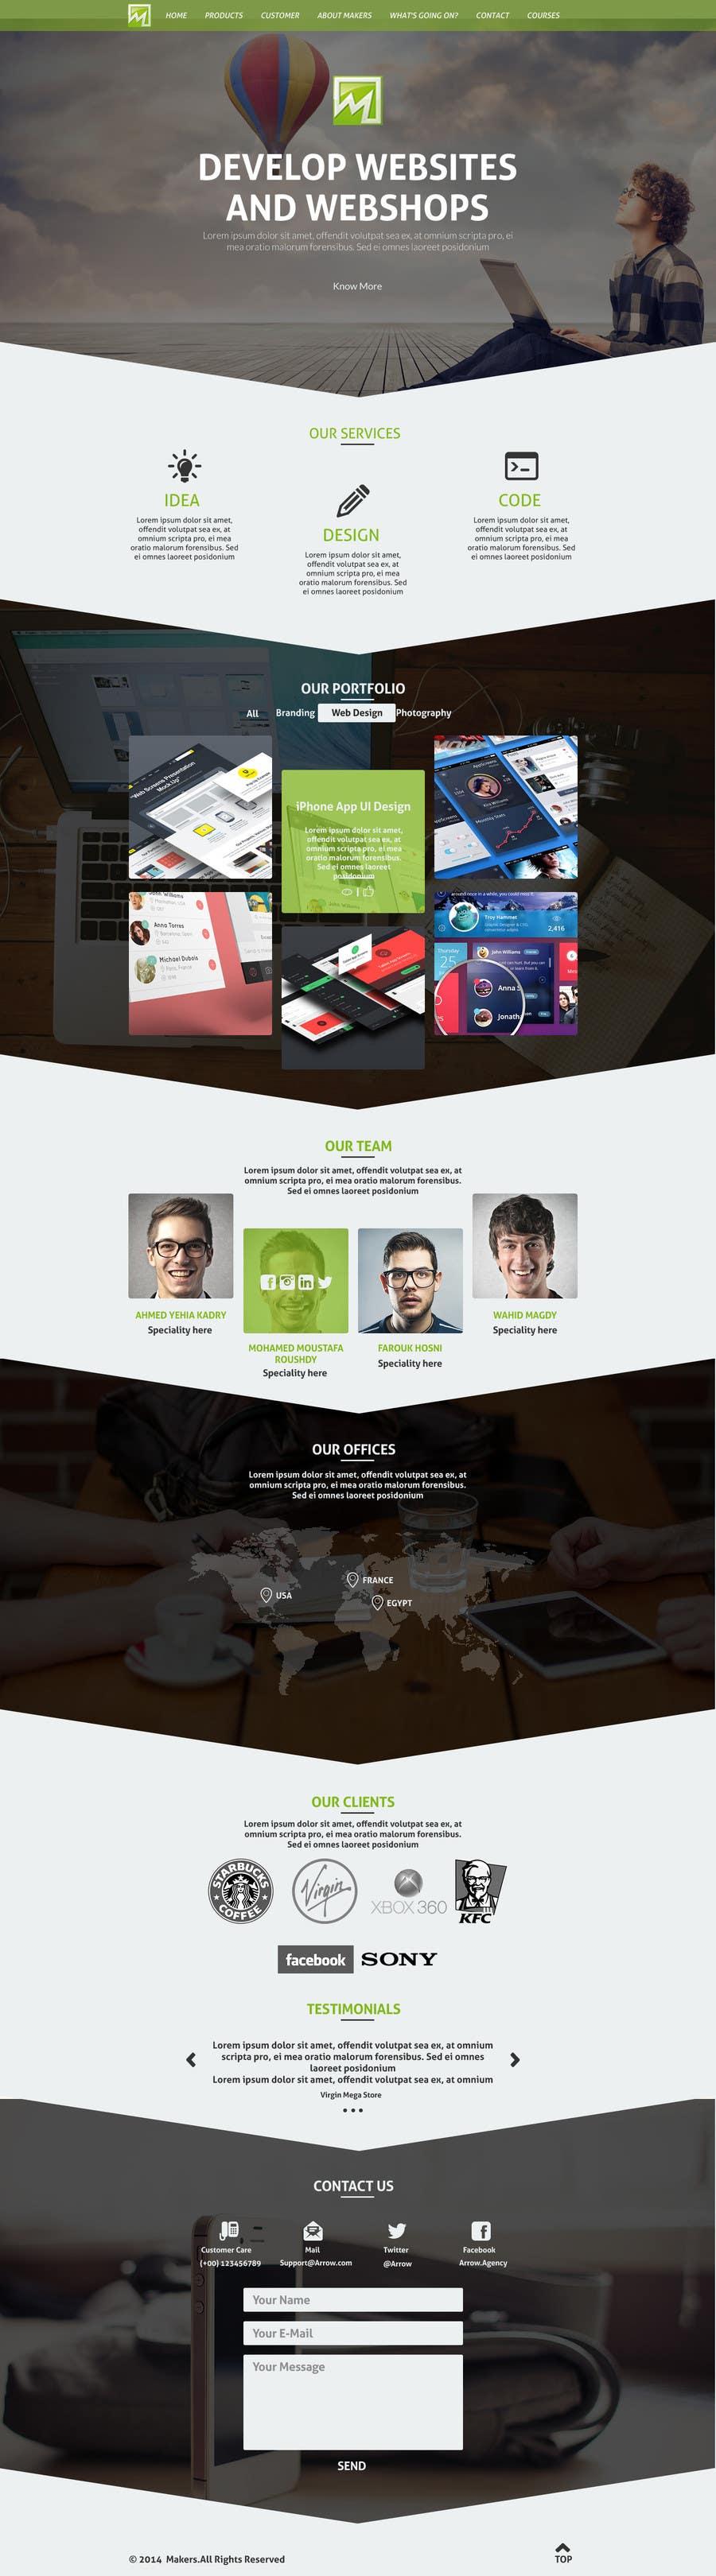 Konkurrenceindlæg #                                        19                                      for                                         Design a Website Mockup for http://makers.dk